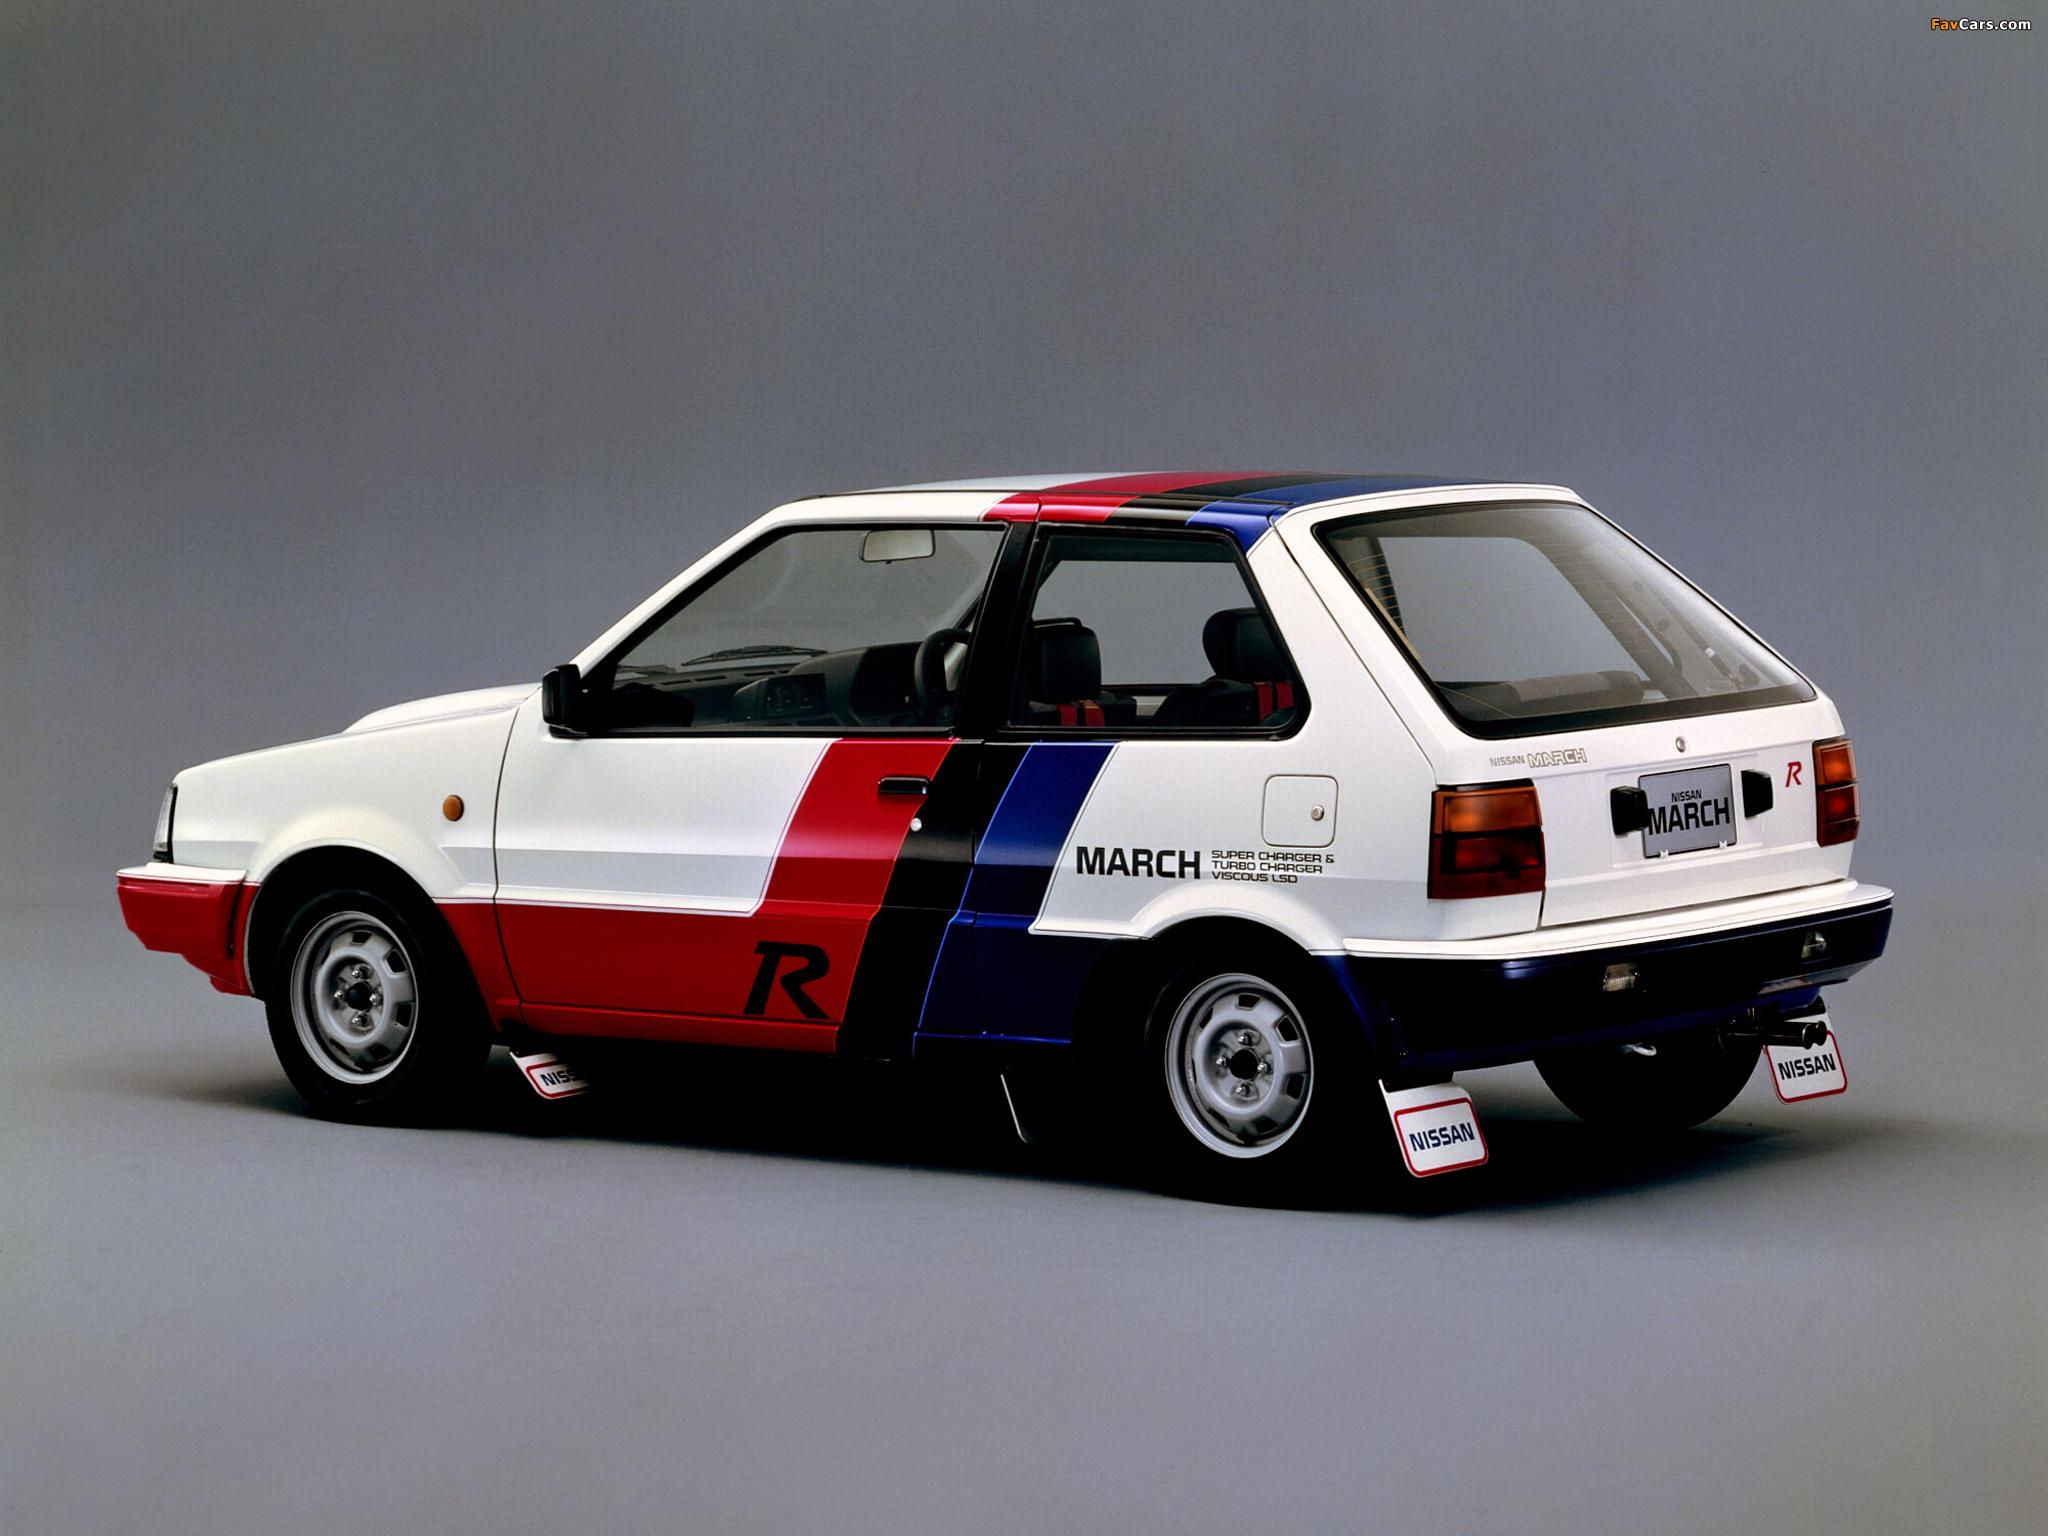 Images Of Nissan March R Ek10fr 1988 91 2048x1536